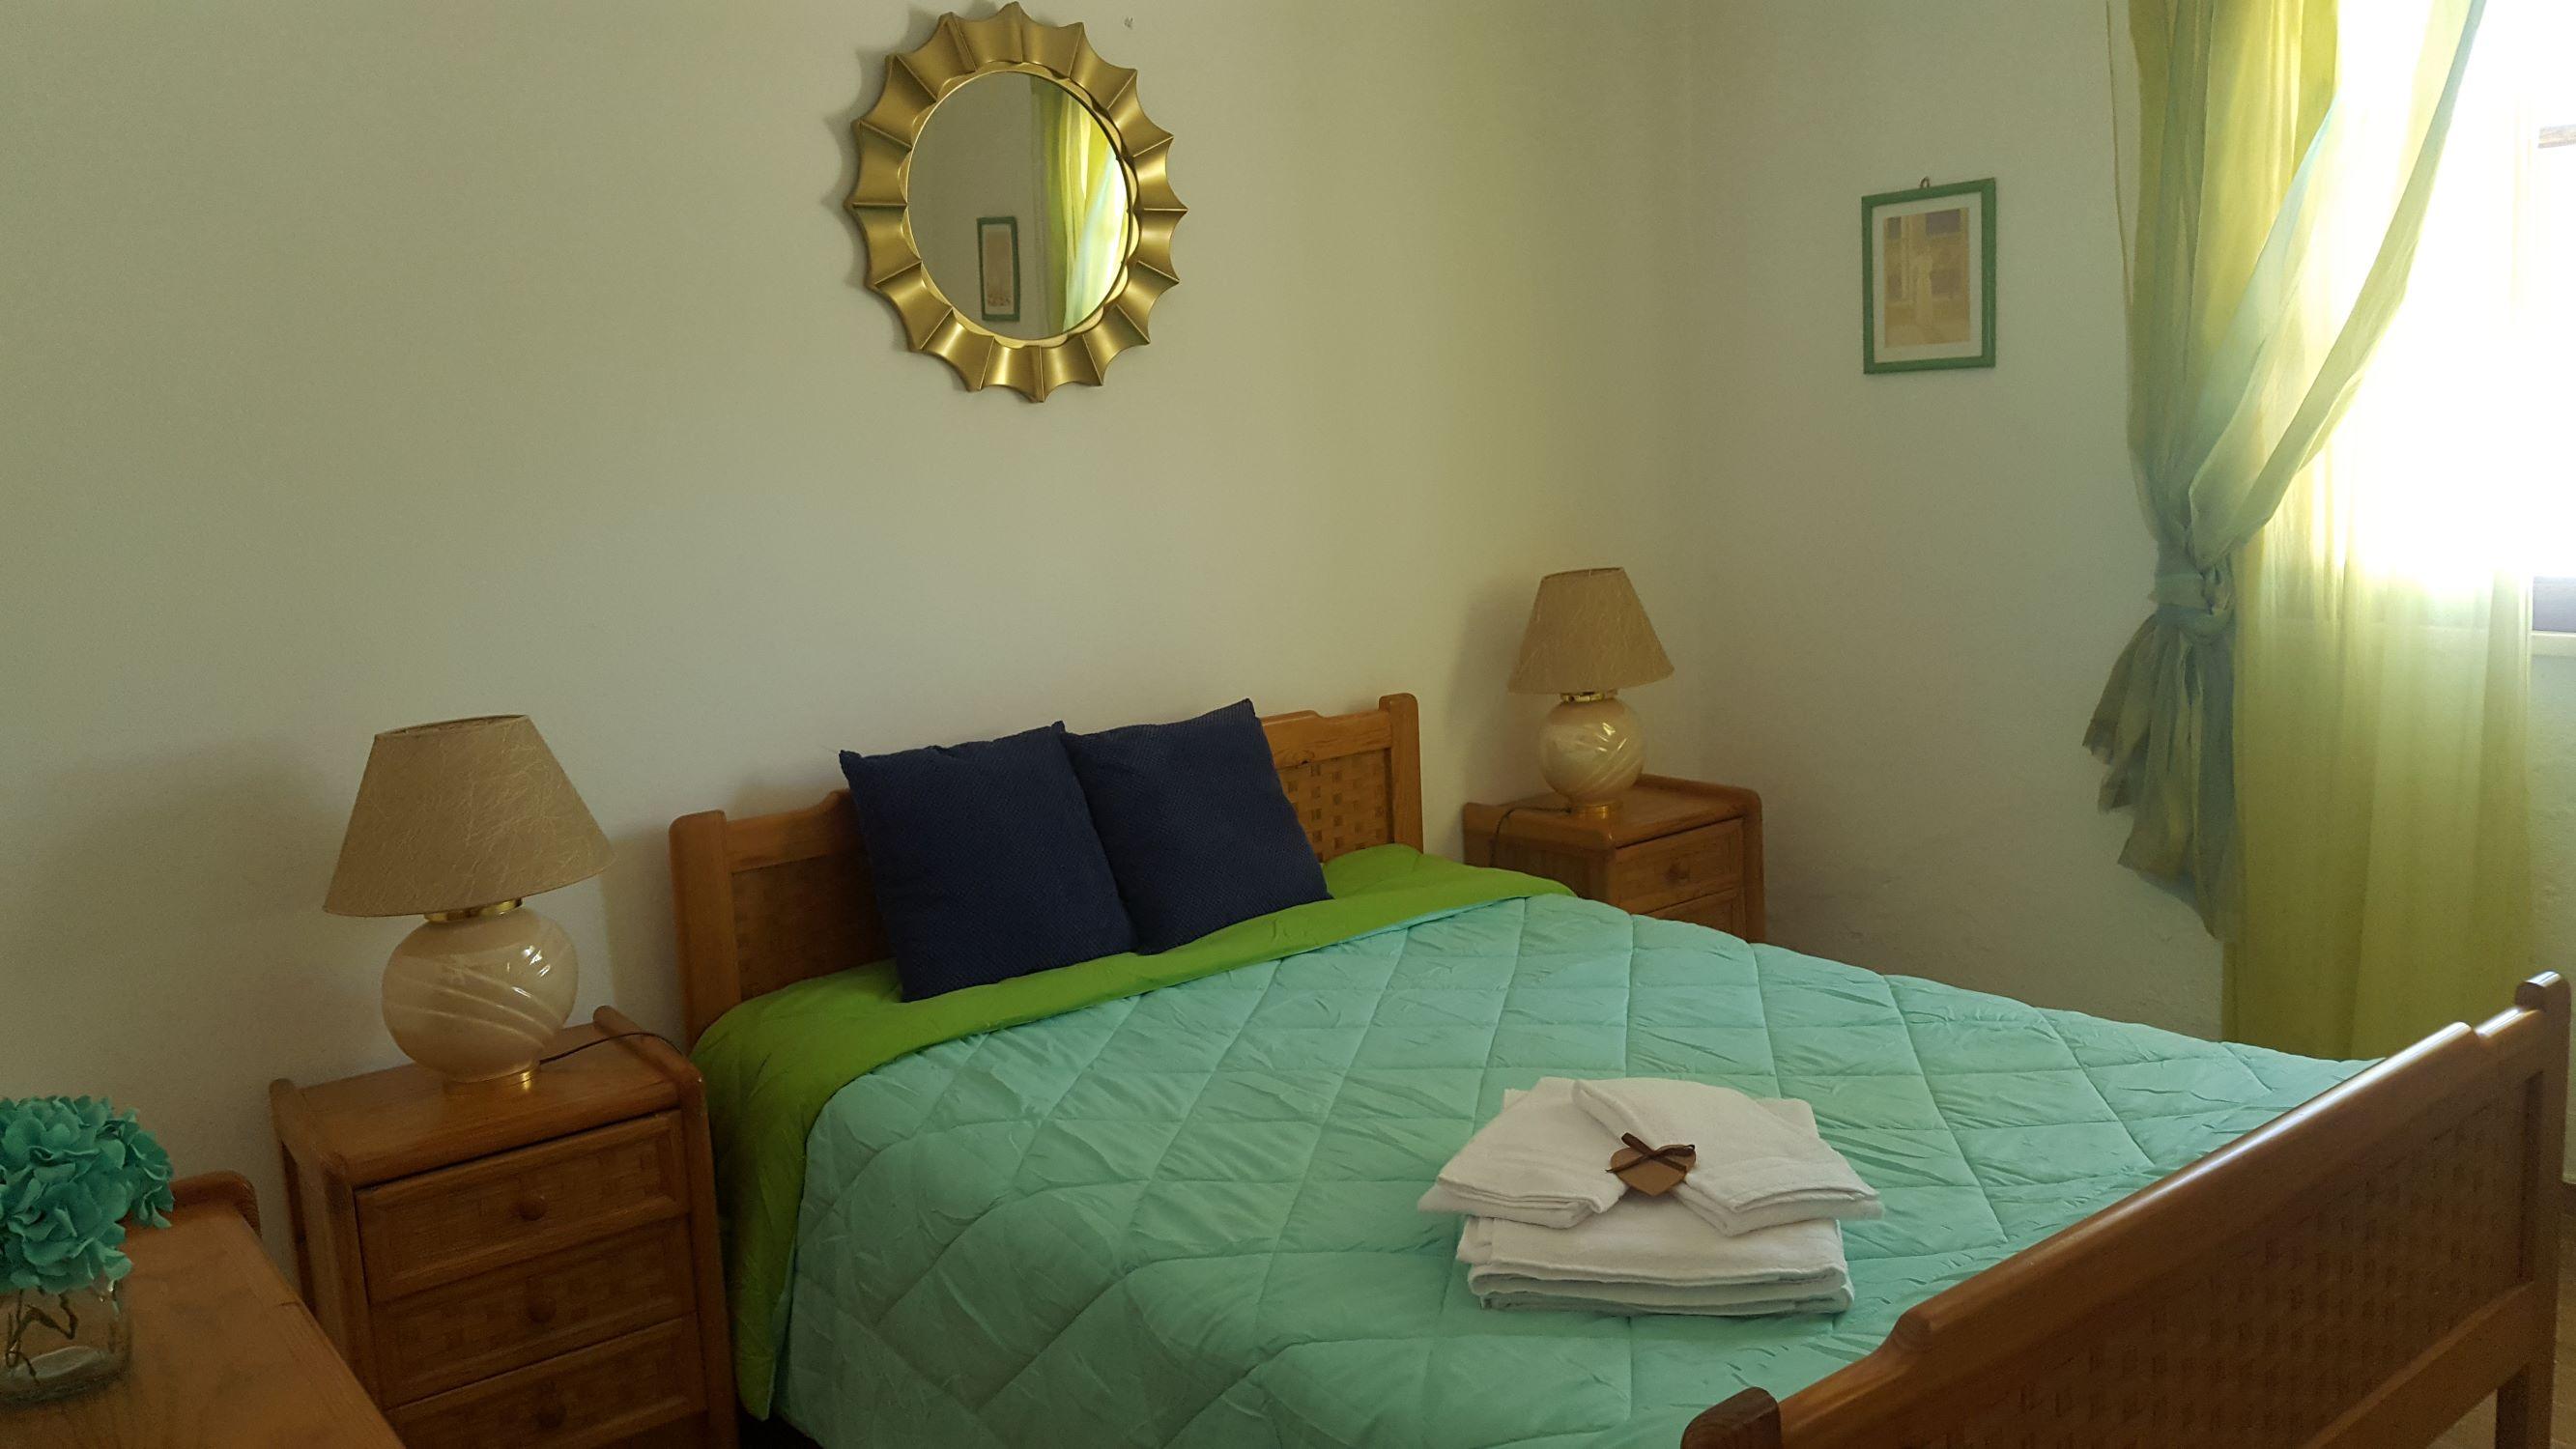 Location appartements et villas de vacance, Vivenda com piscina em Silves à Silves, Portugal Algarve, REF_IMG_8068_8088